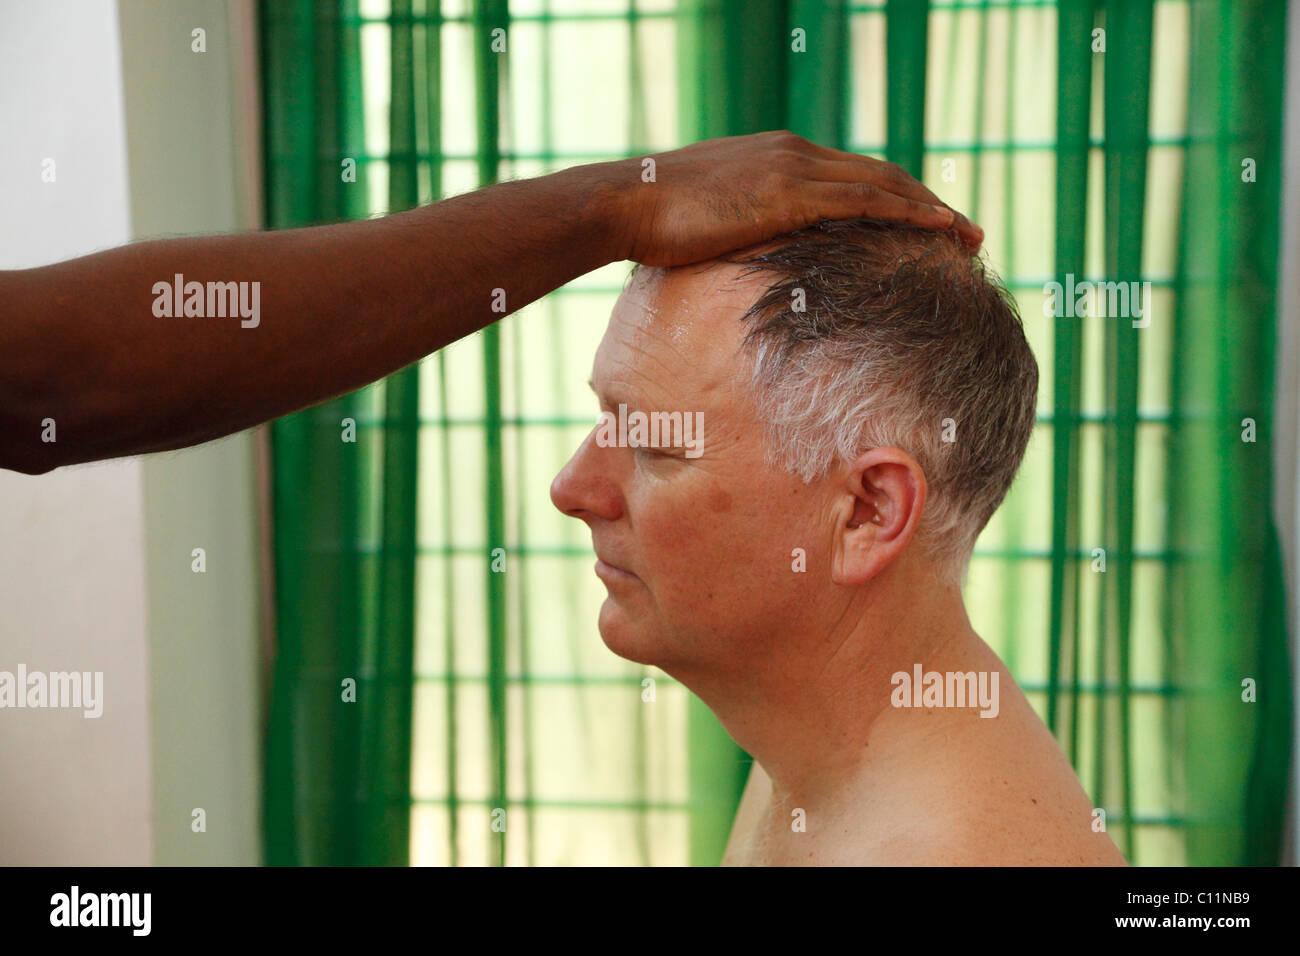 La pose d'une main sur la tête d'un homme, la préparation pour le traitement d'Ayurvedic, Photo Stock